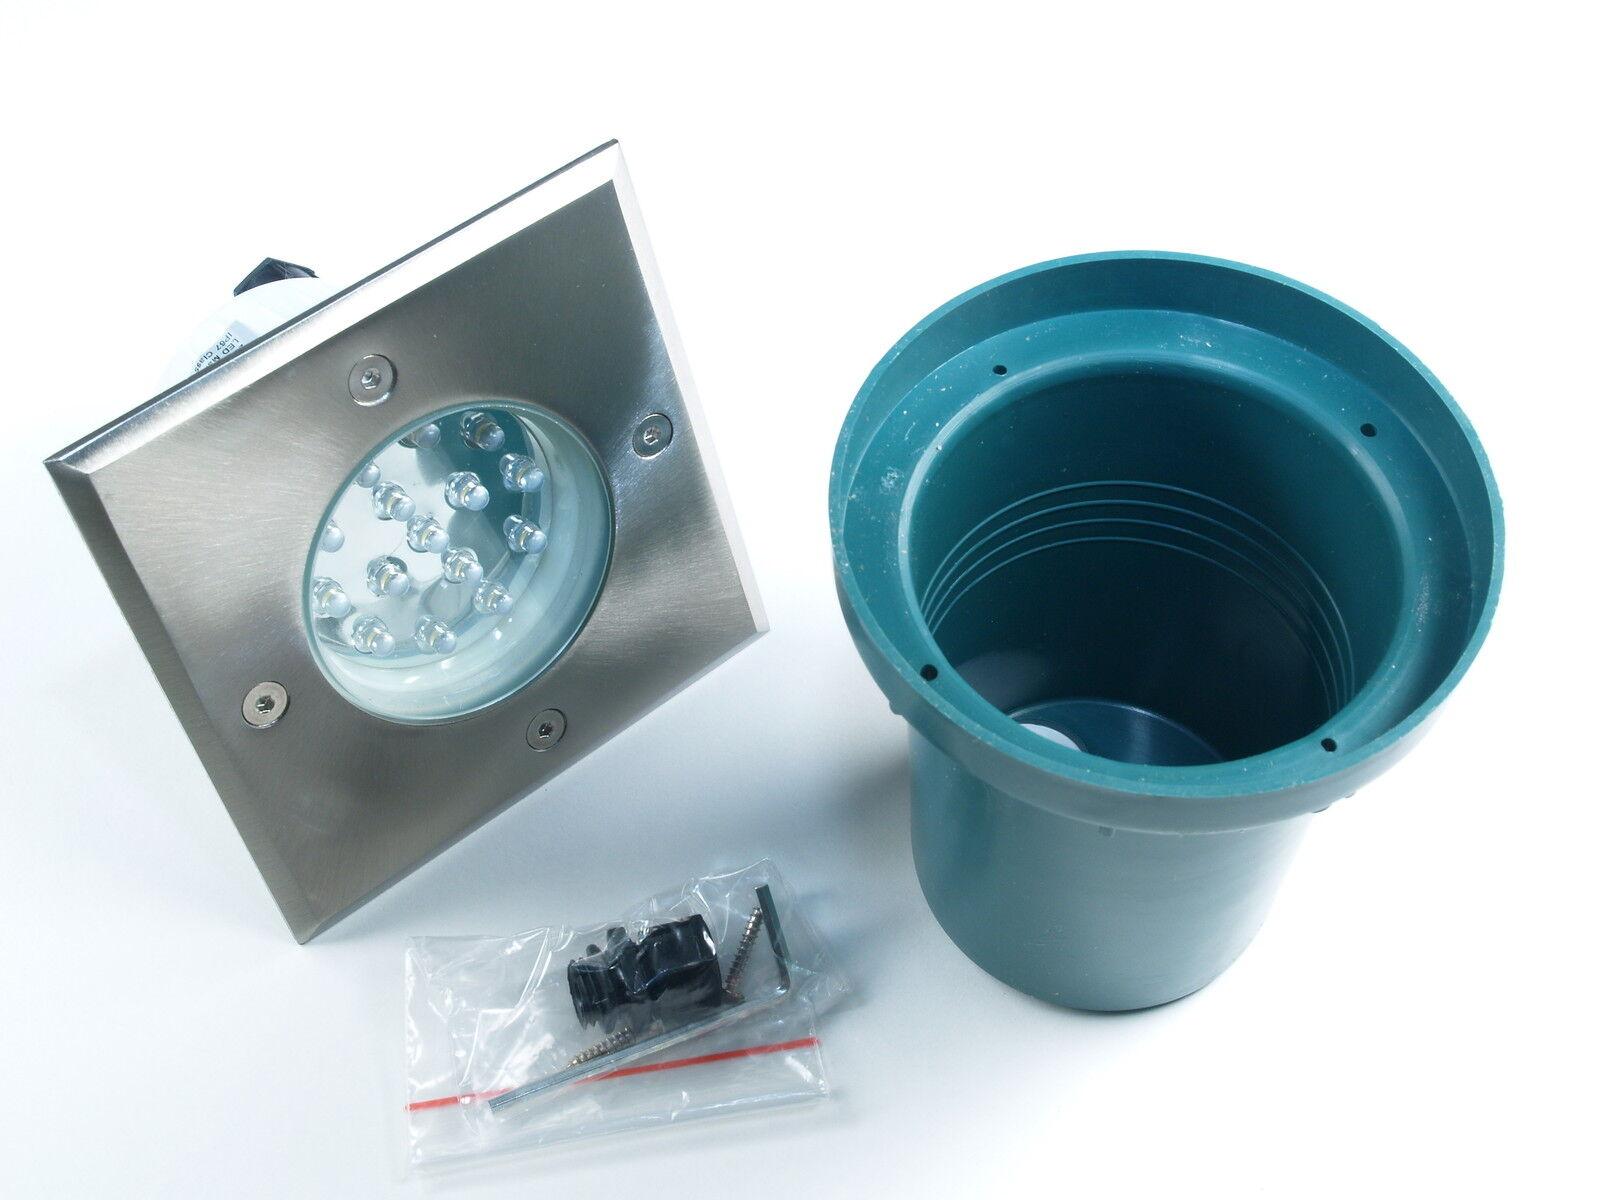 230V LED Bodenbeleuchtung Gordo rund   eckig für Terrasse Bodenleuchten Garten